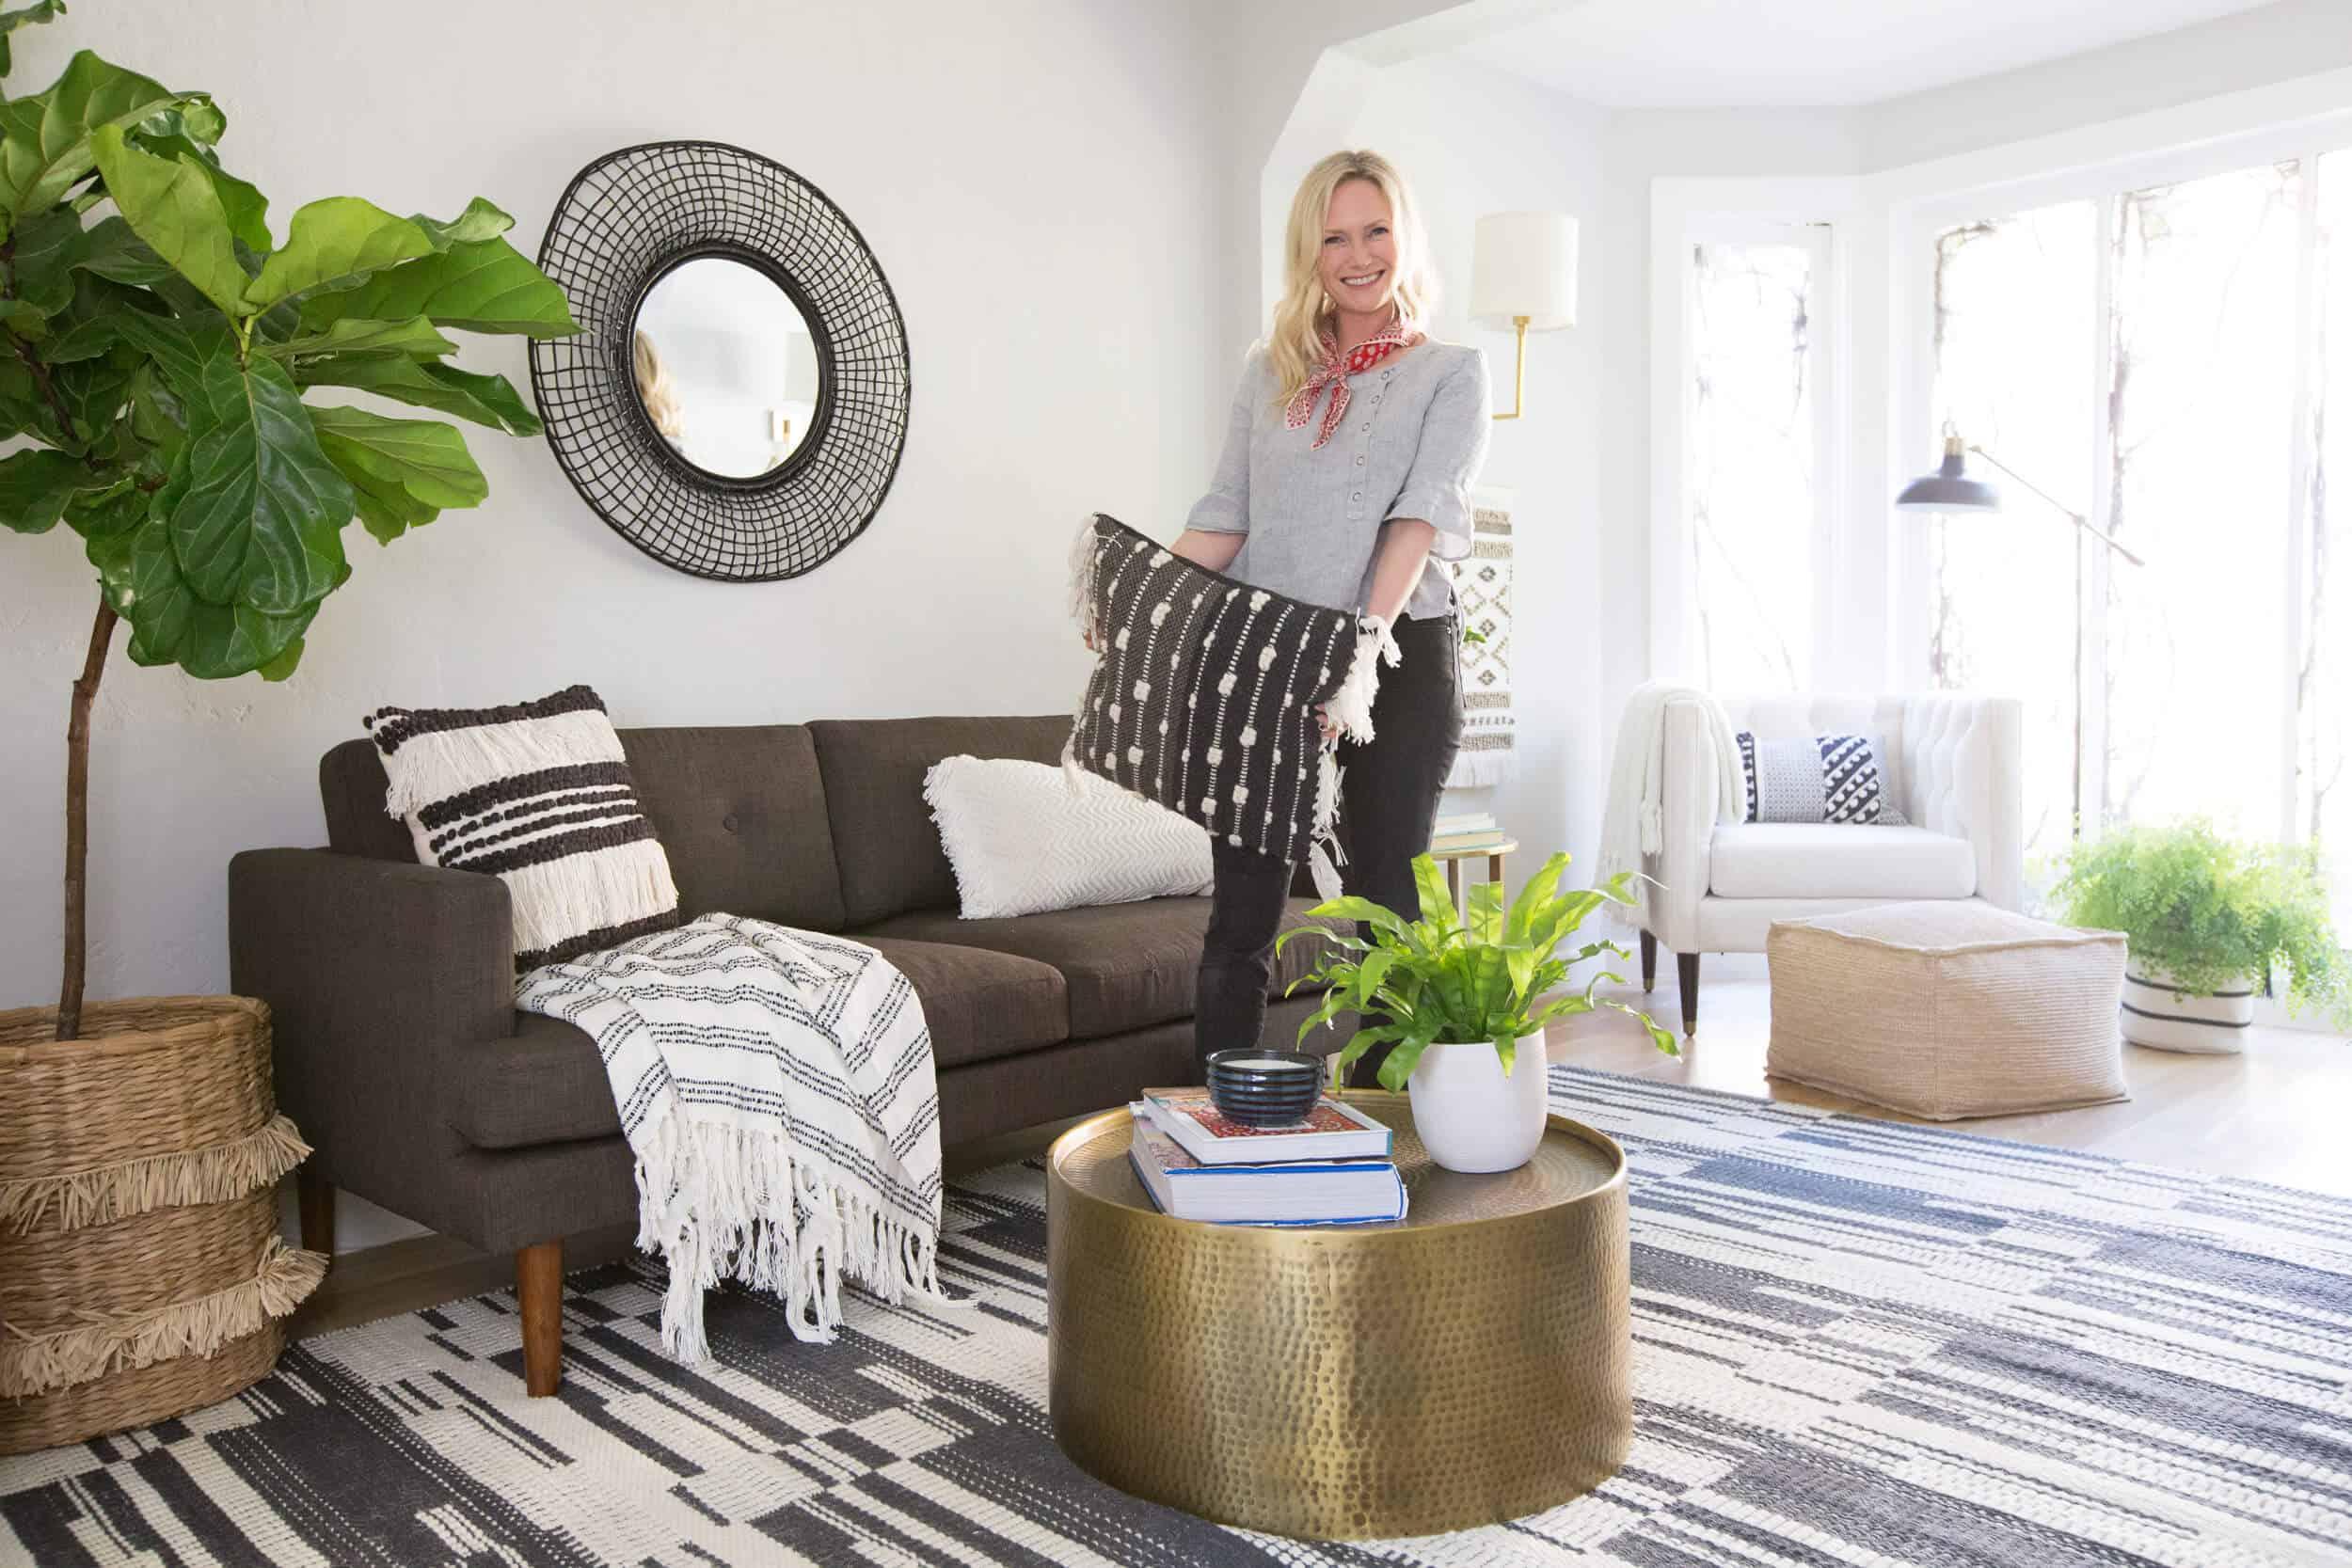 Target Budget Living Room - Emily Henderson